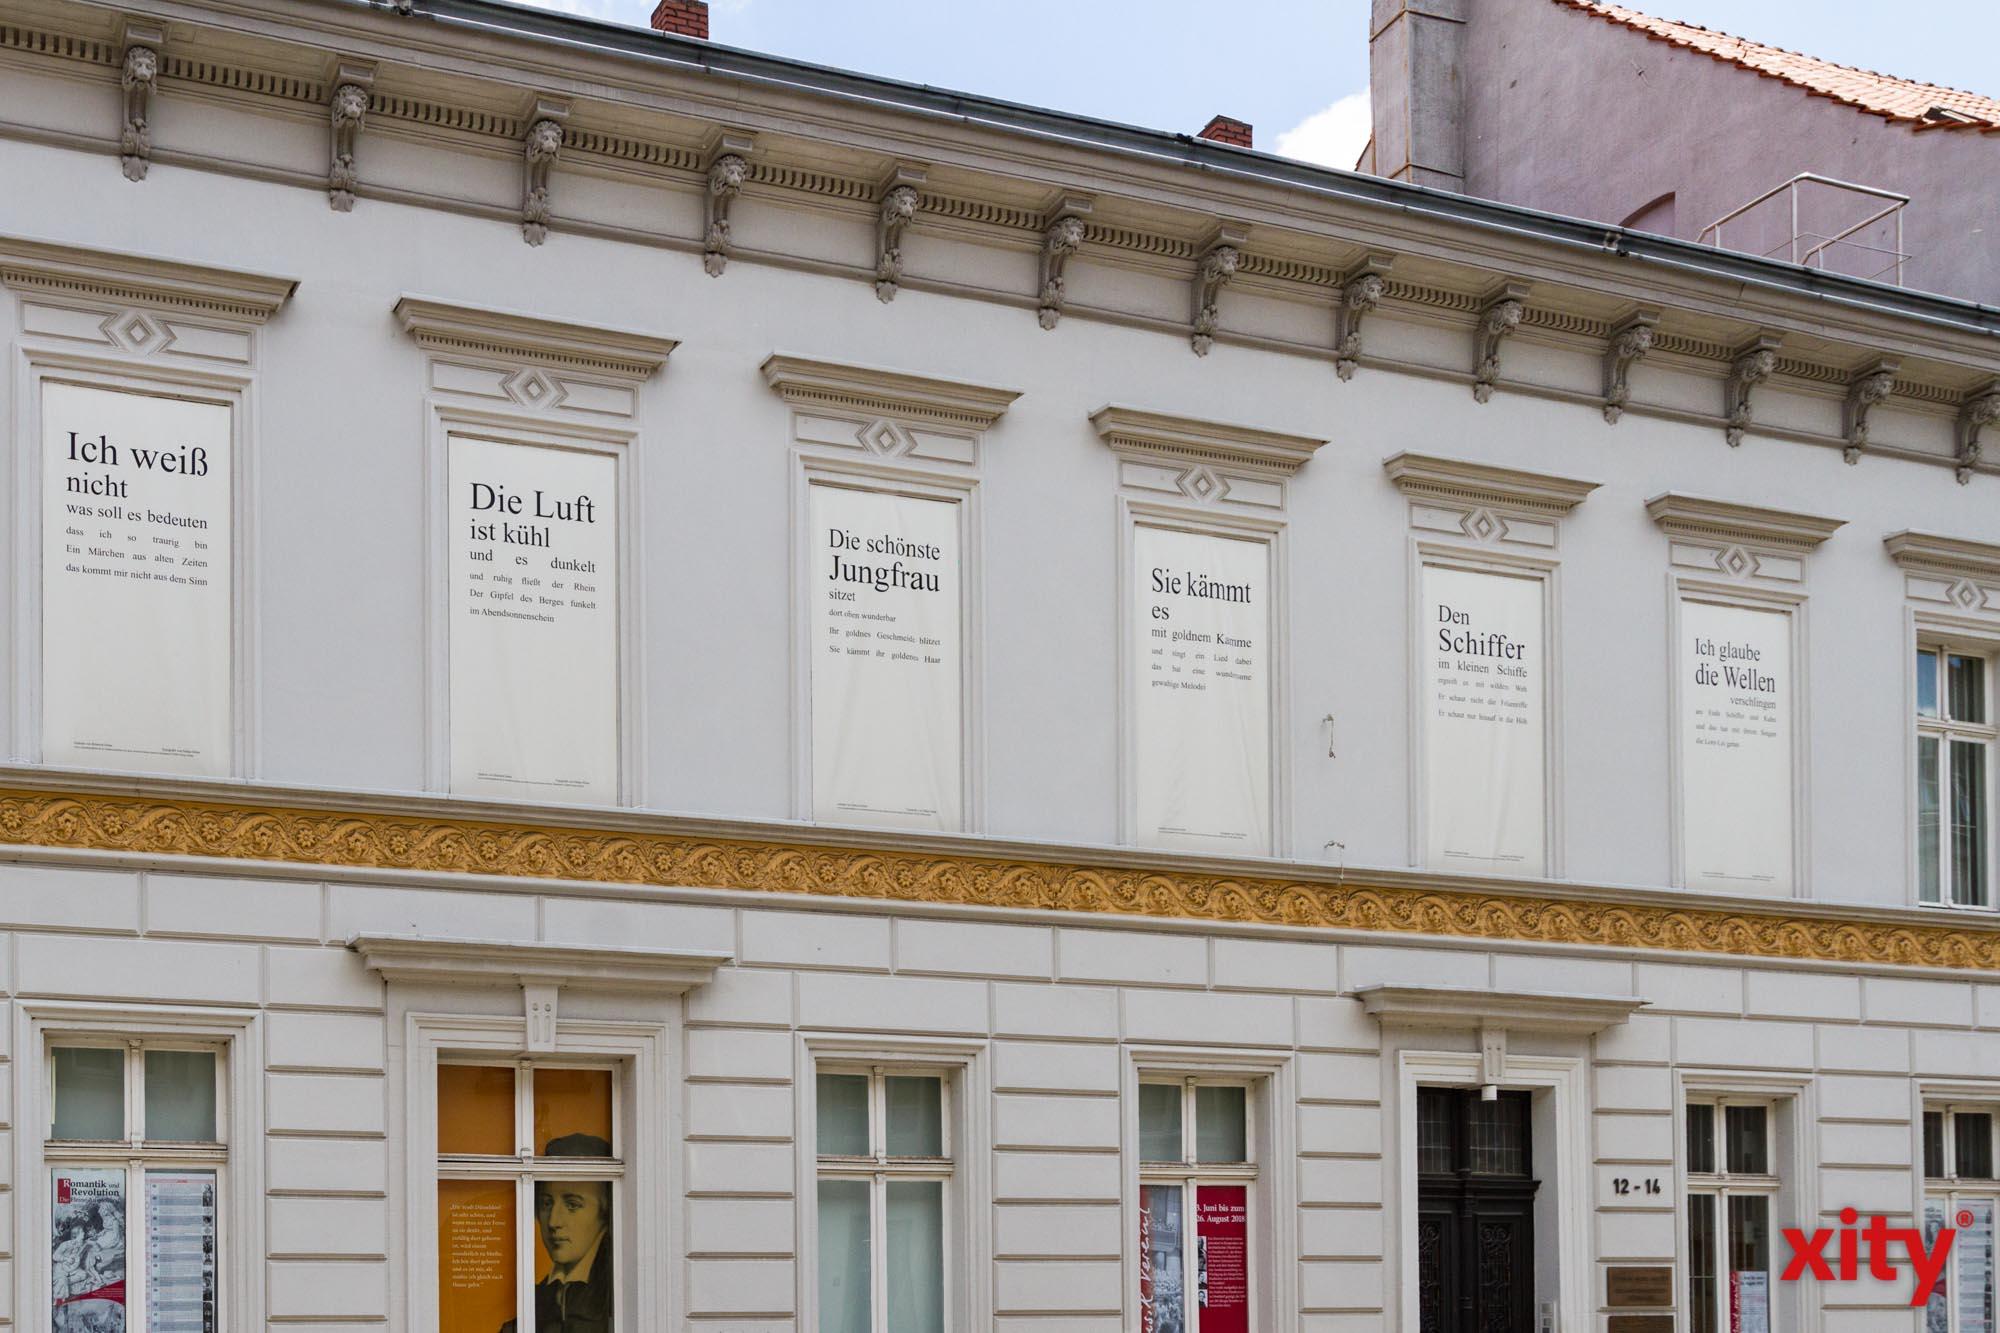 Peter-Maiwald-Abend im Heinrich-Heine-Institut (Foto: xity)